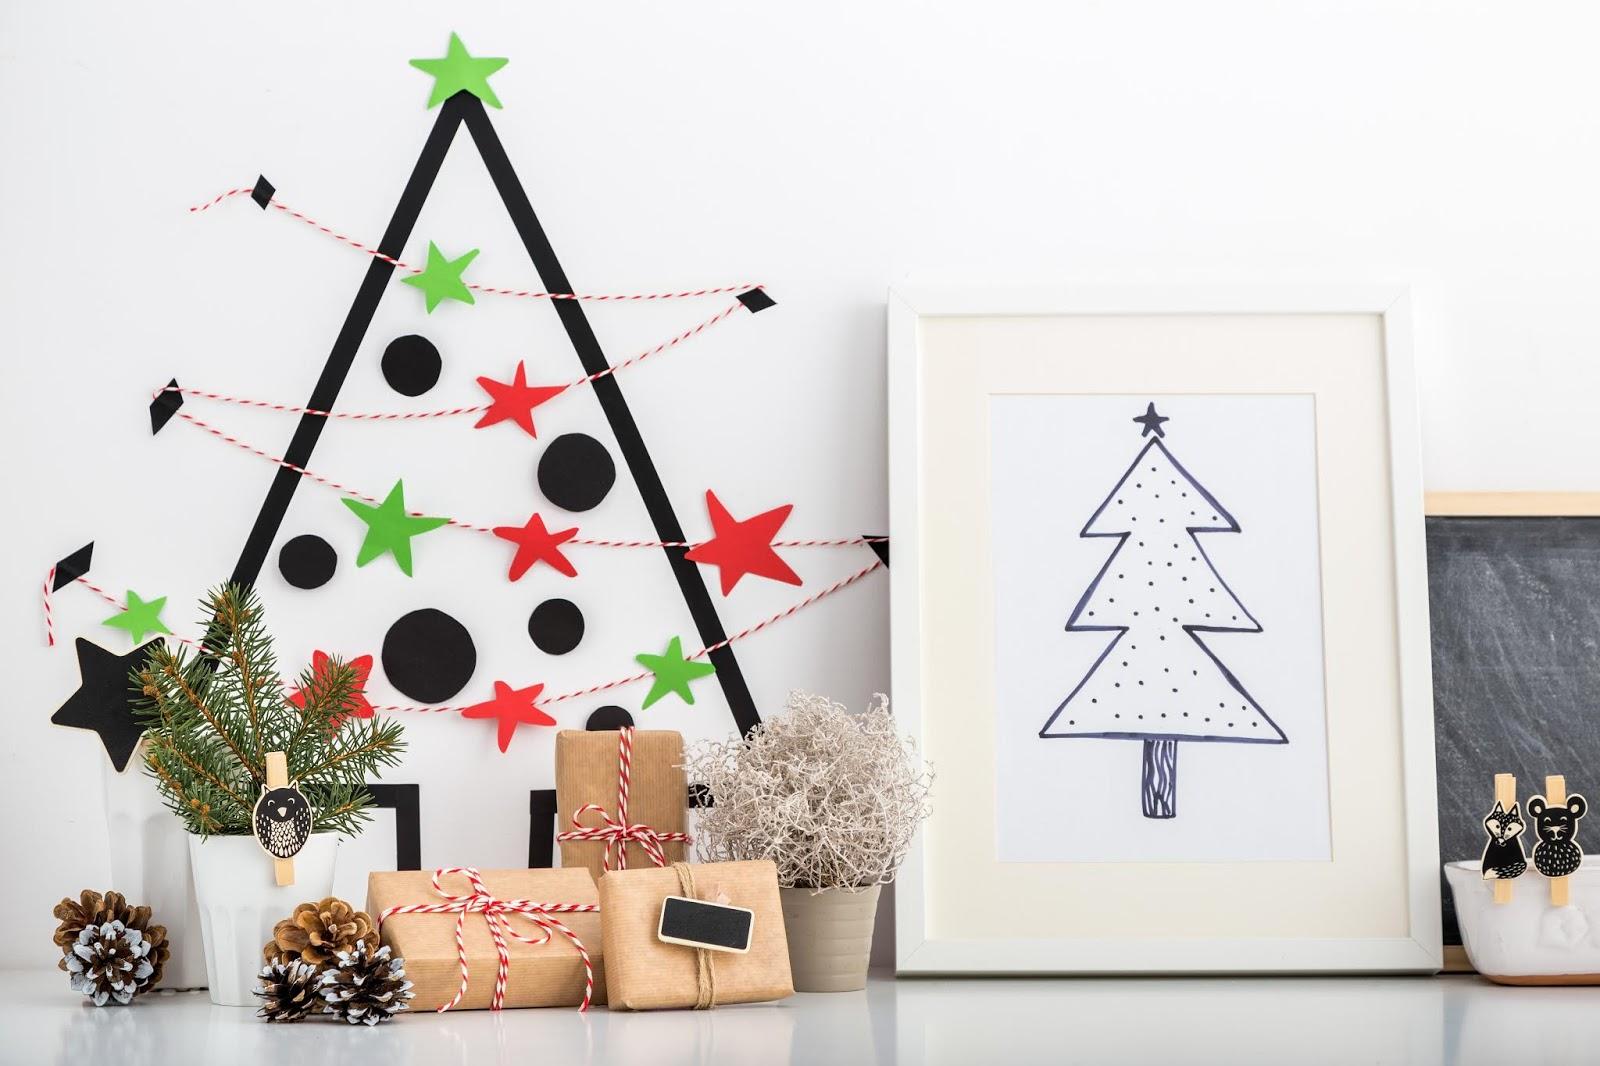 Manualidades navideñas fáciles y rápidas: árbol de navidad con cinta decorada